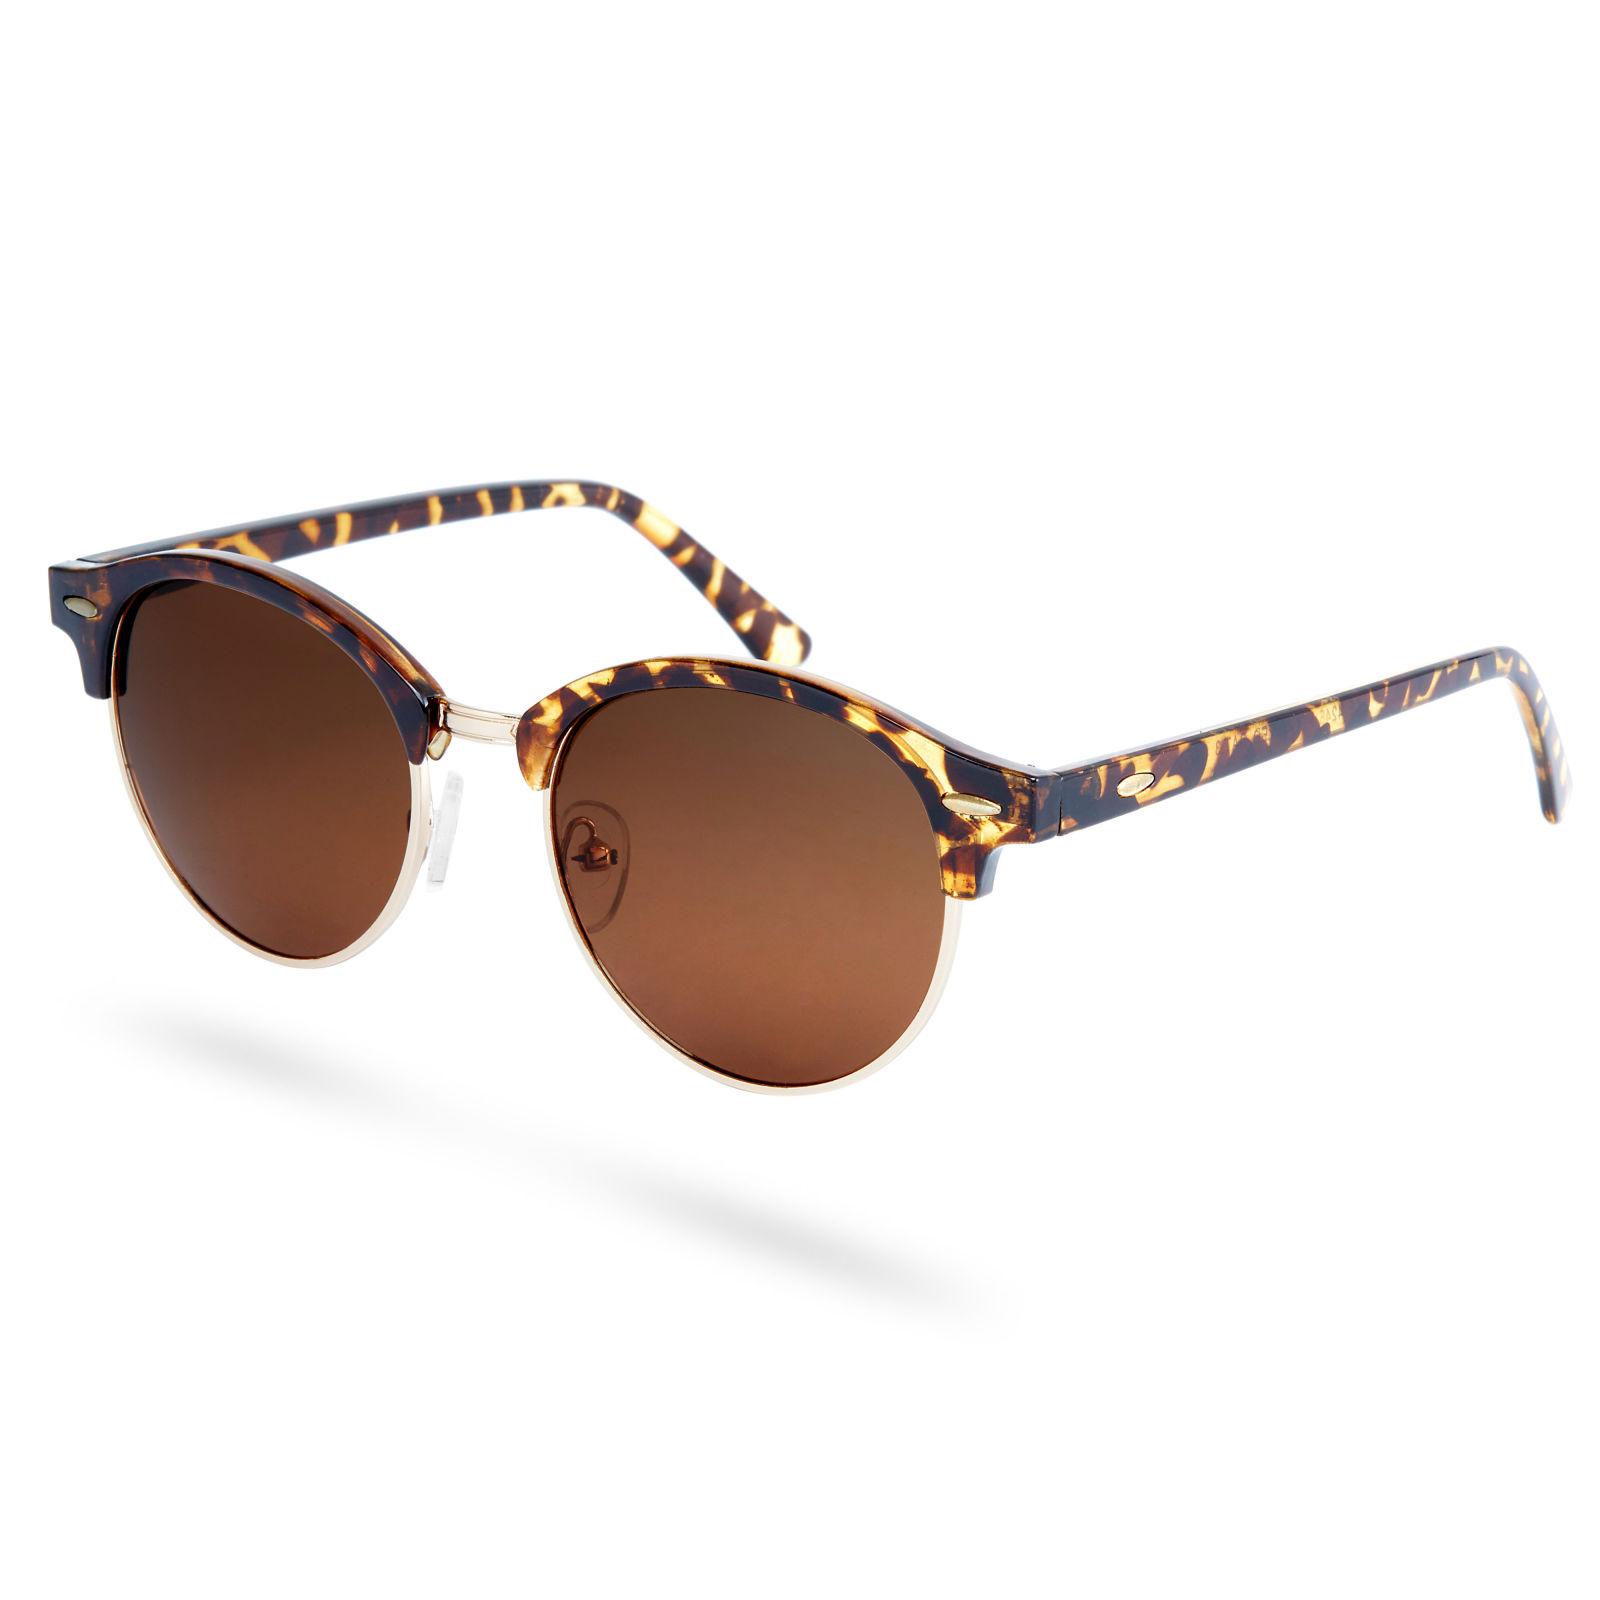 Braune Polarisierte Sonnenbrille In Schildplatt Optik | Kostenloser ...